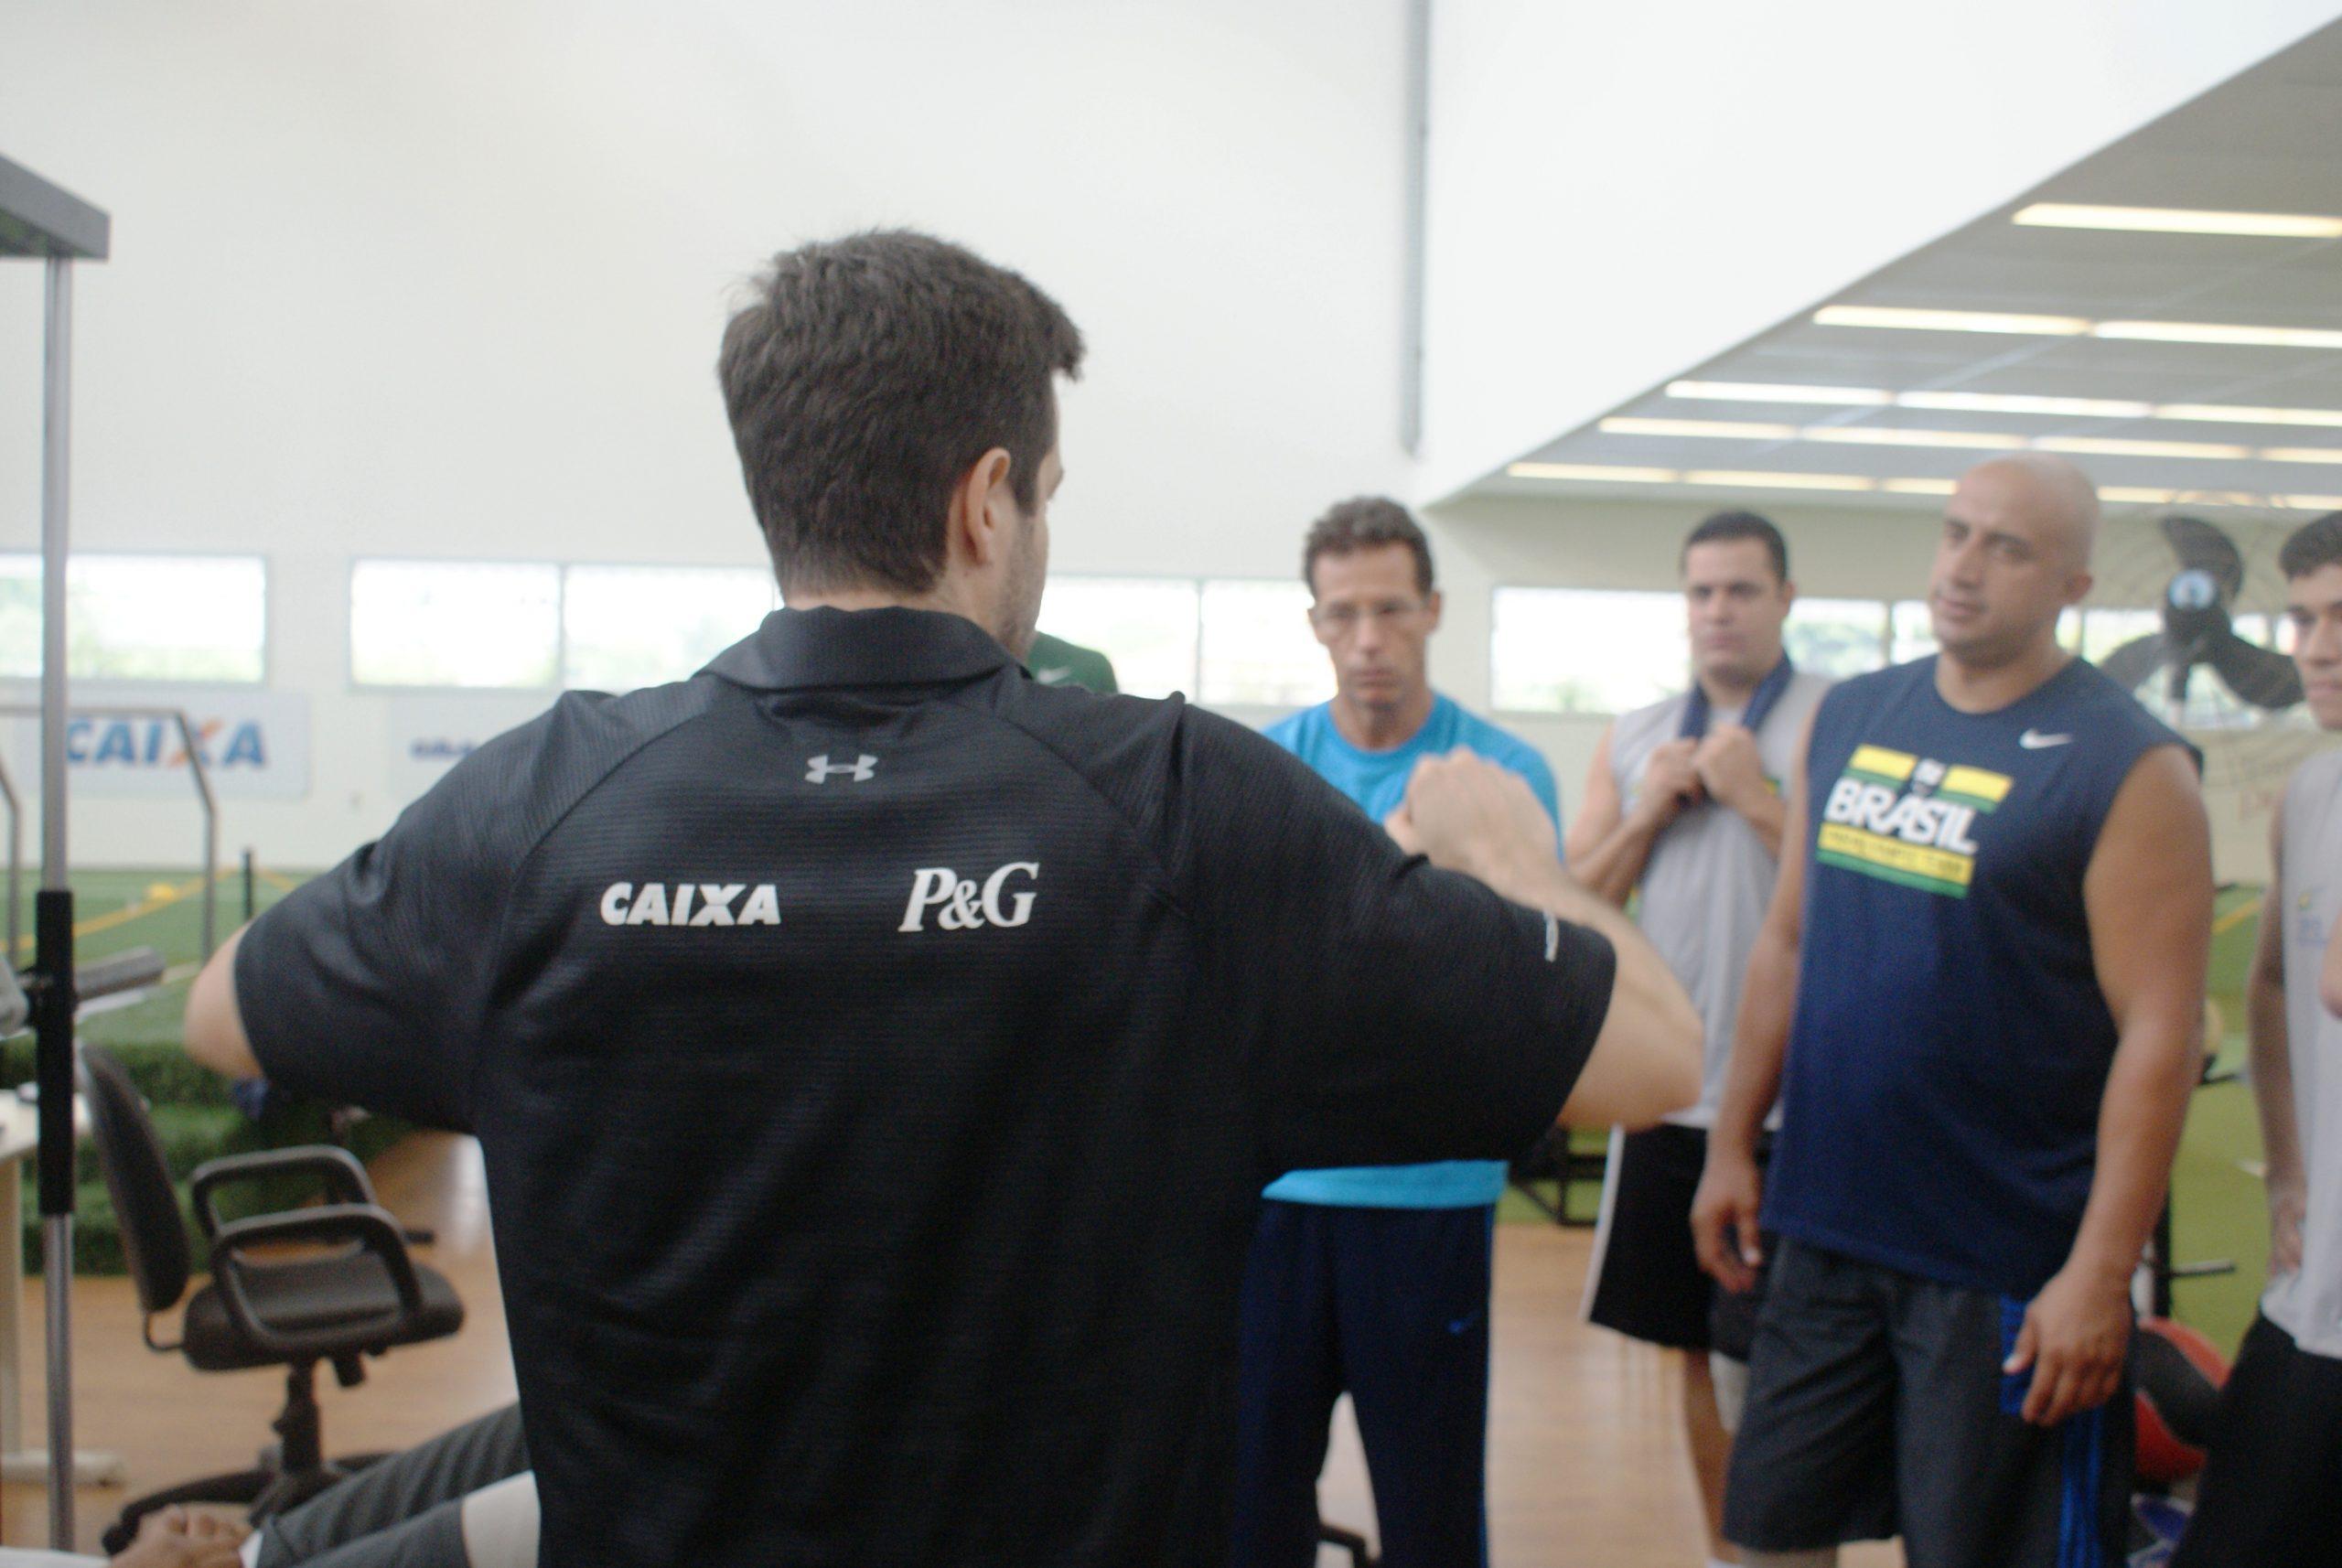 Em ascensão: você não os conhece, mas eles vão trazer uma medalha paralímpica para o Brasil em 2016